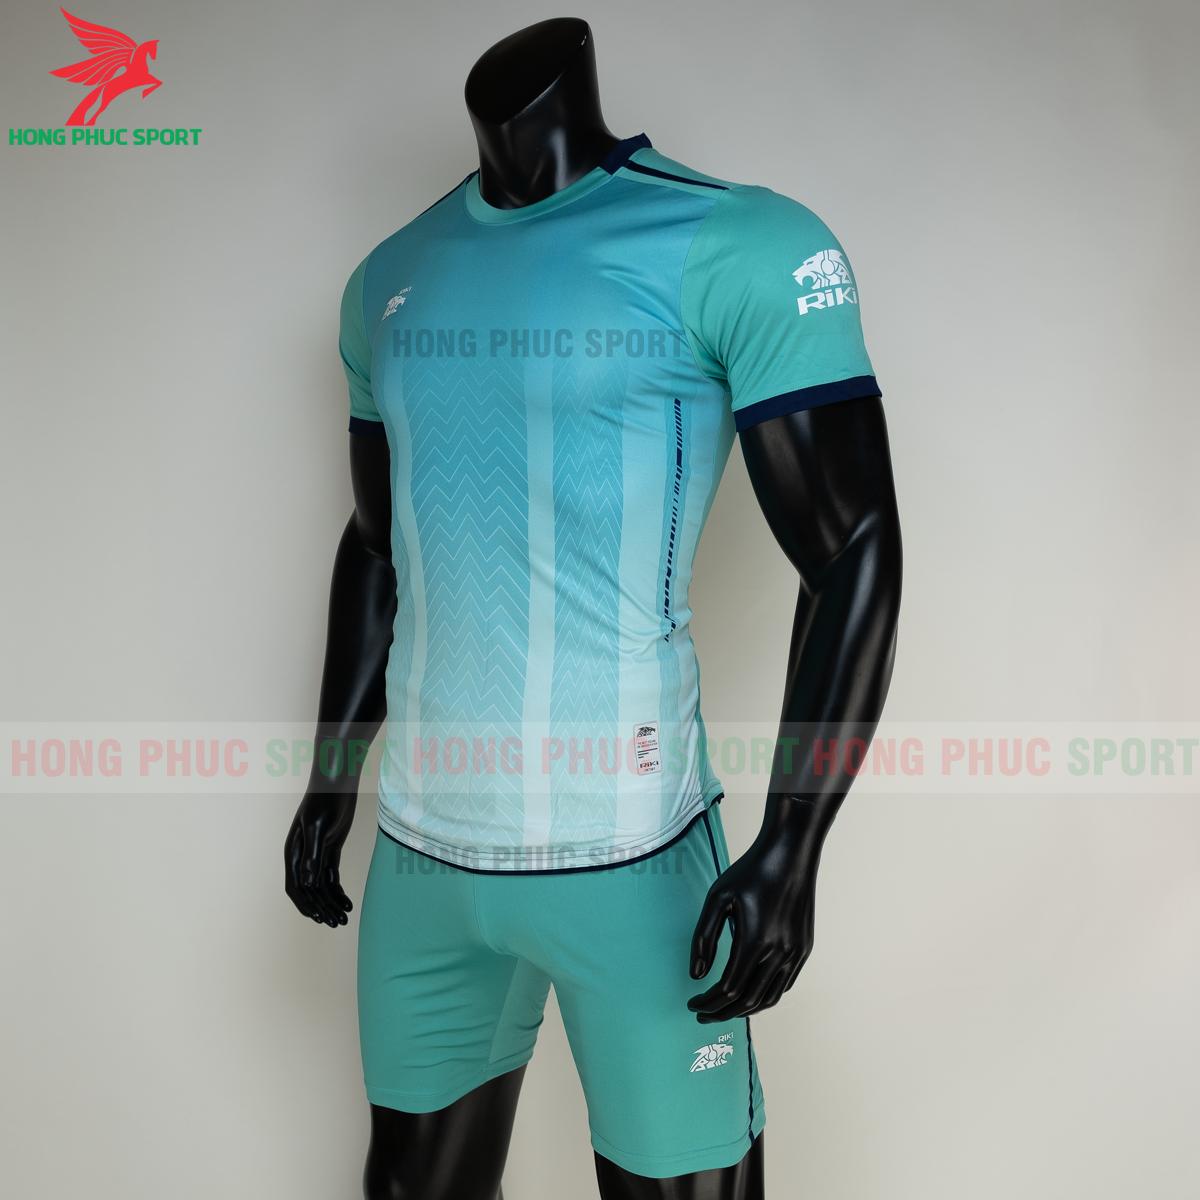 Áo đá banh không logo RIKI FURIOR 2021 màu Xanh ngọc (trái)